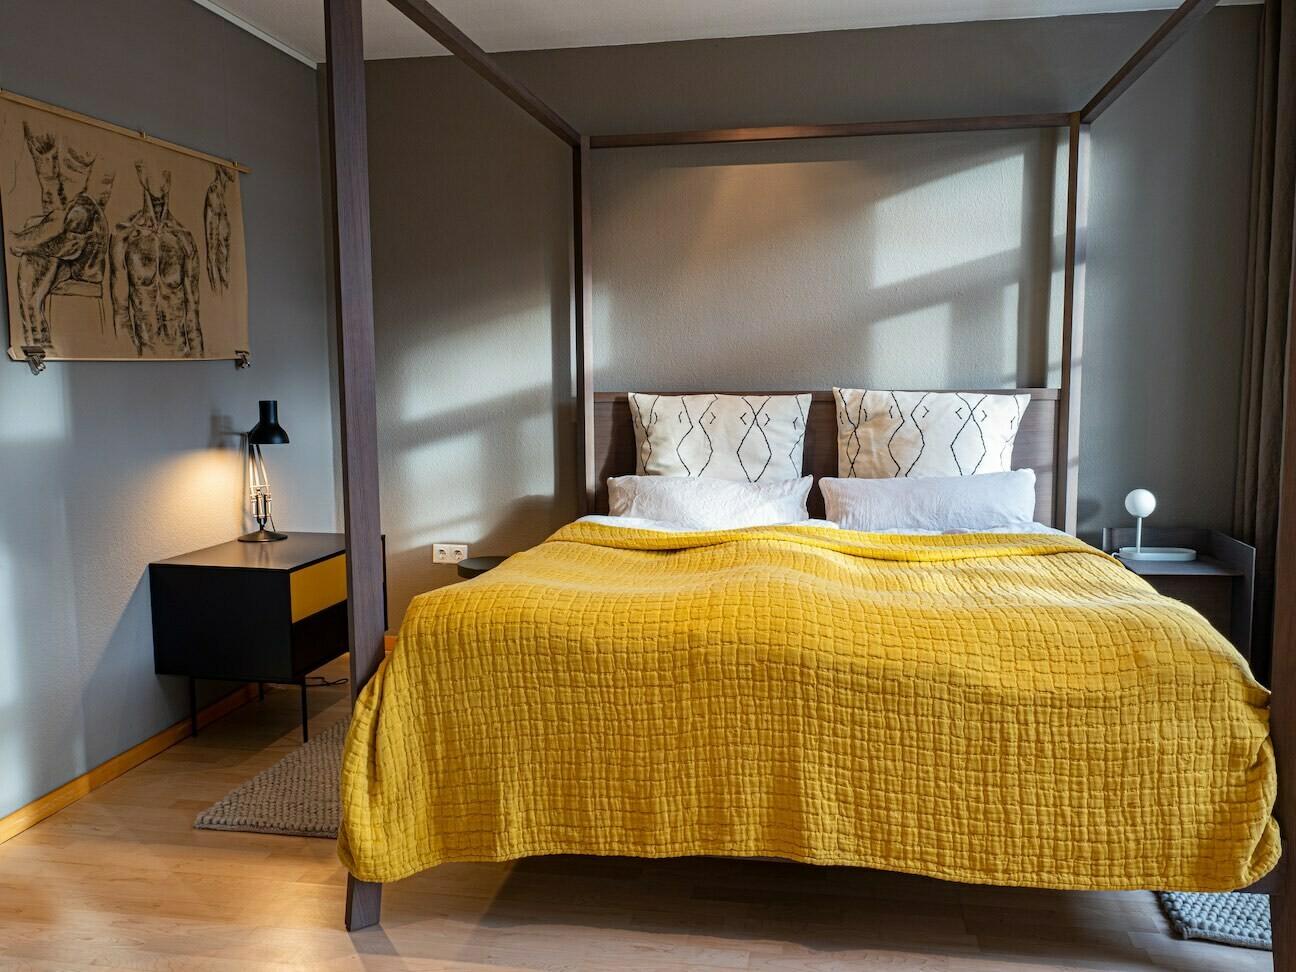 Gutschein für zwei Übernachtungen im Design Apartment am Wasserbachhof im Lemgo (NRW)